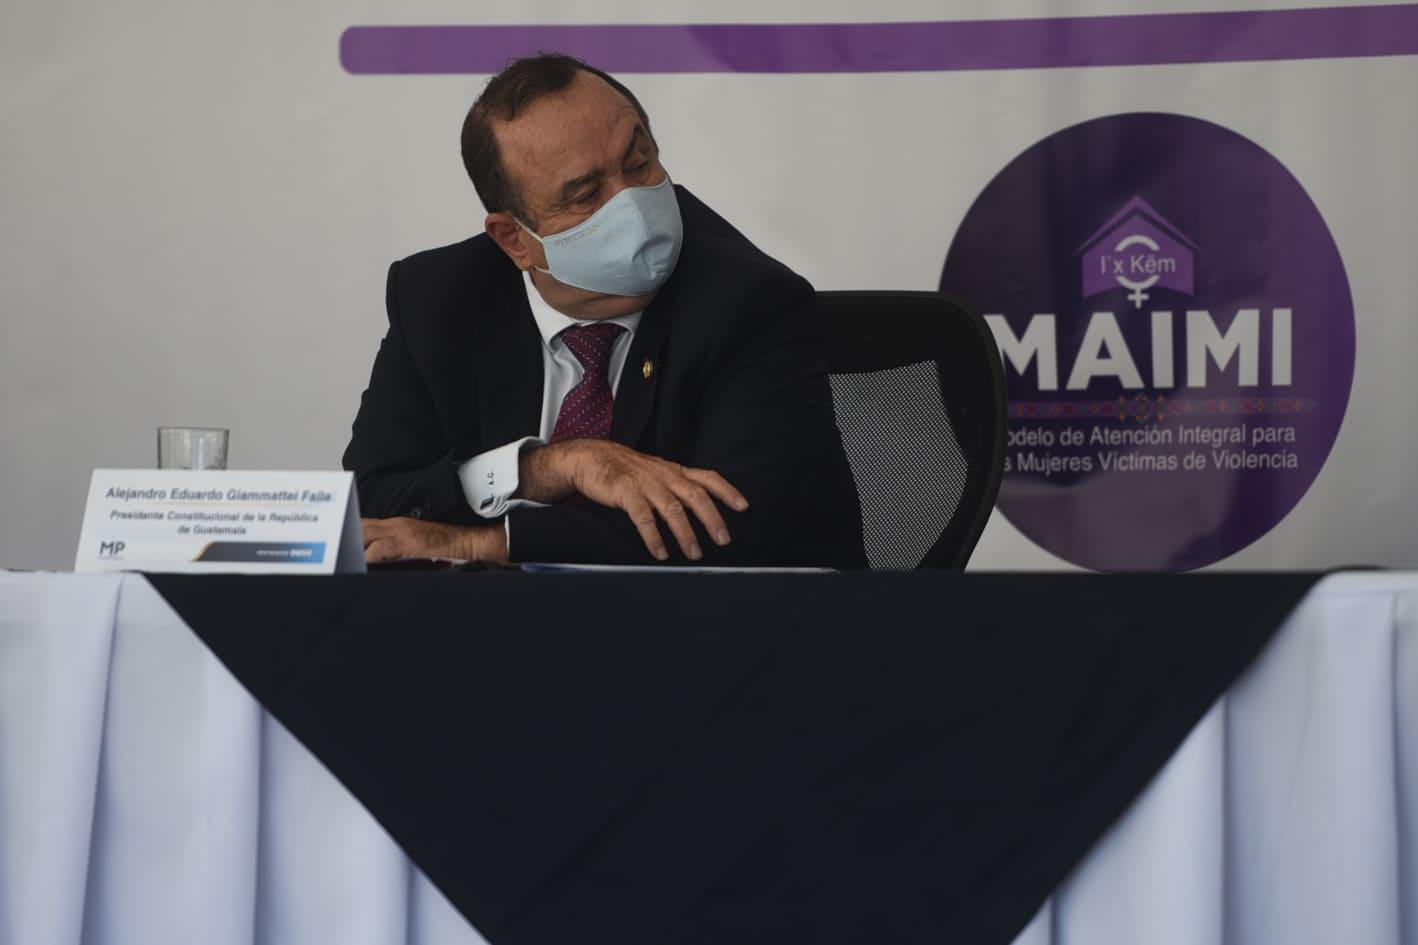 presentan modelo de atención a mujeres víctimas de violencia Maimi